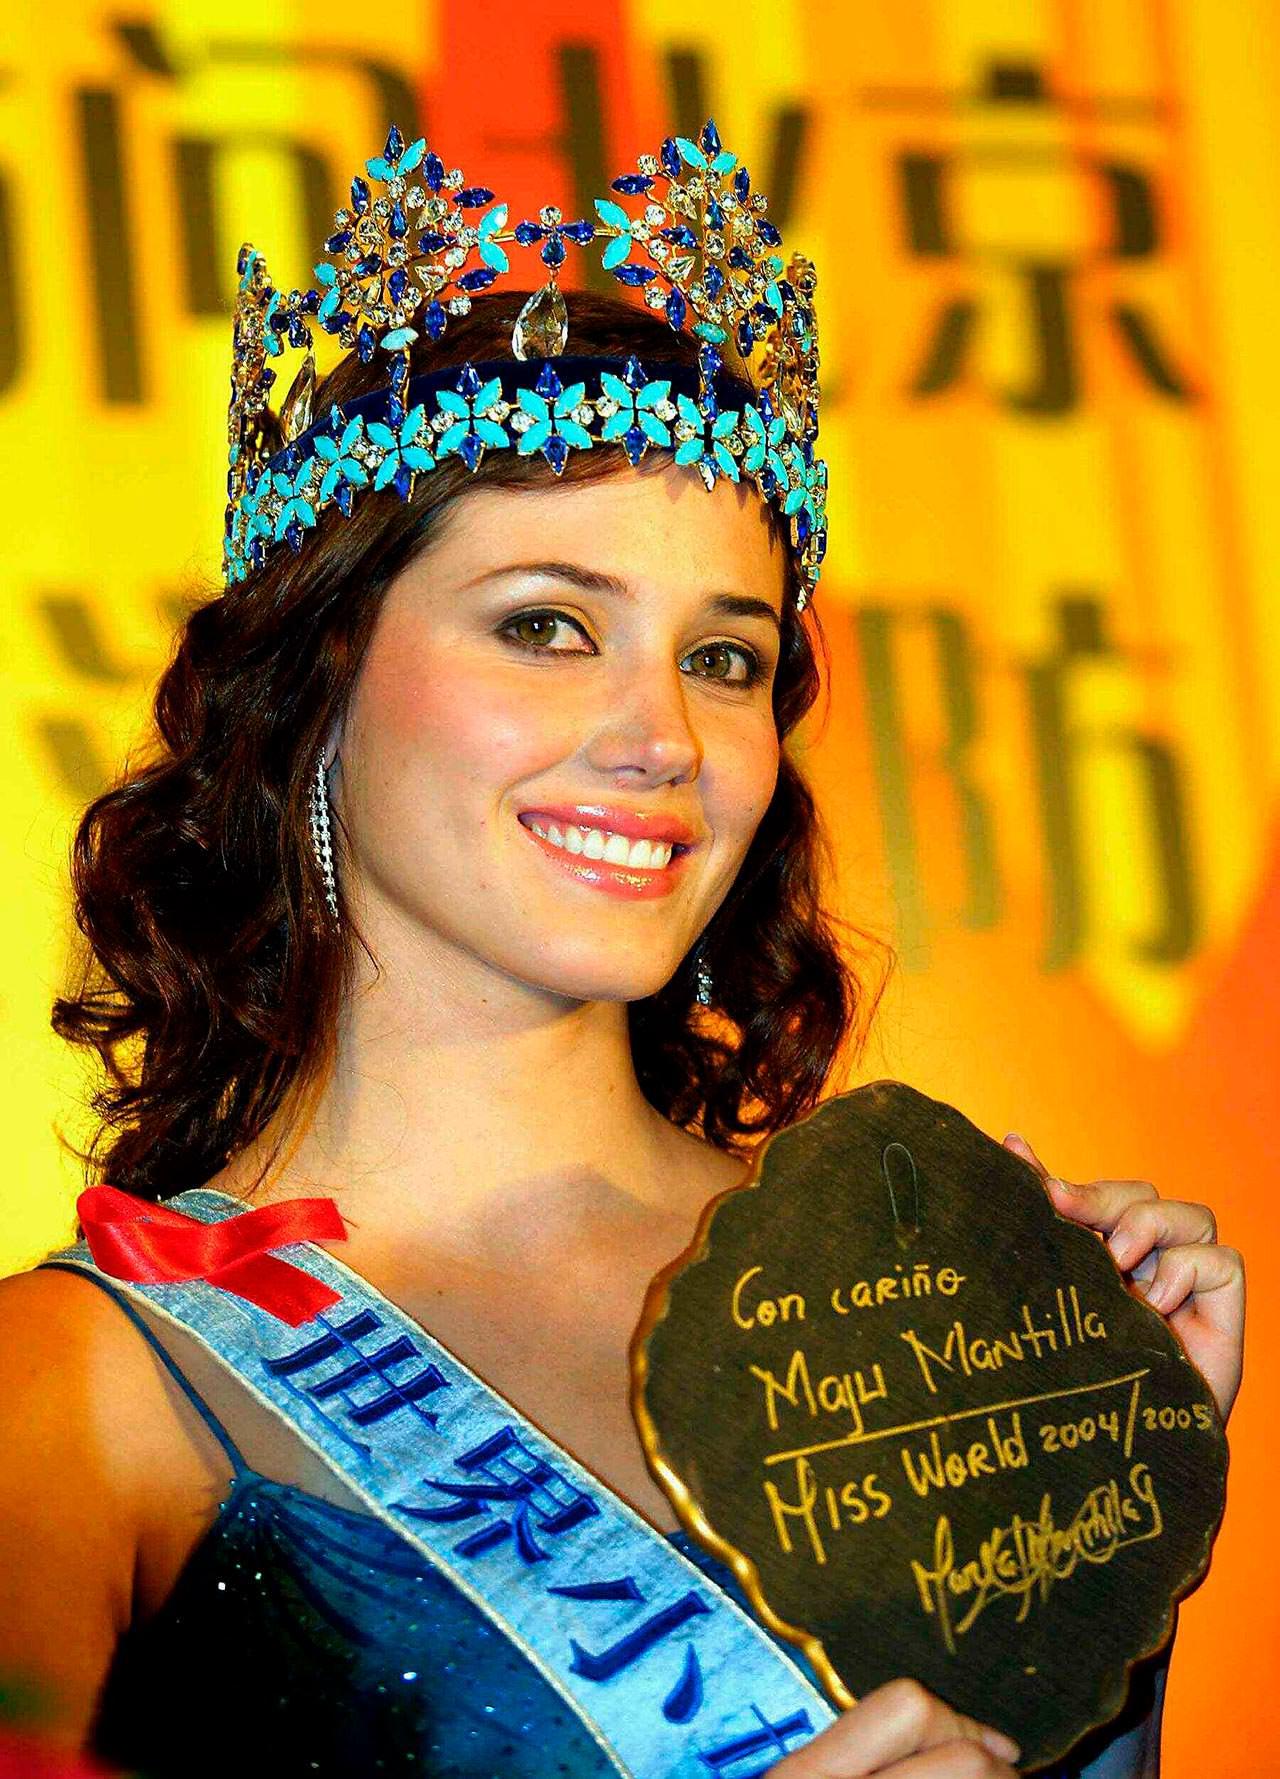 Фото | Мисс Мира 2004 года Мария Хулия Мантилья